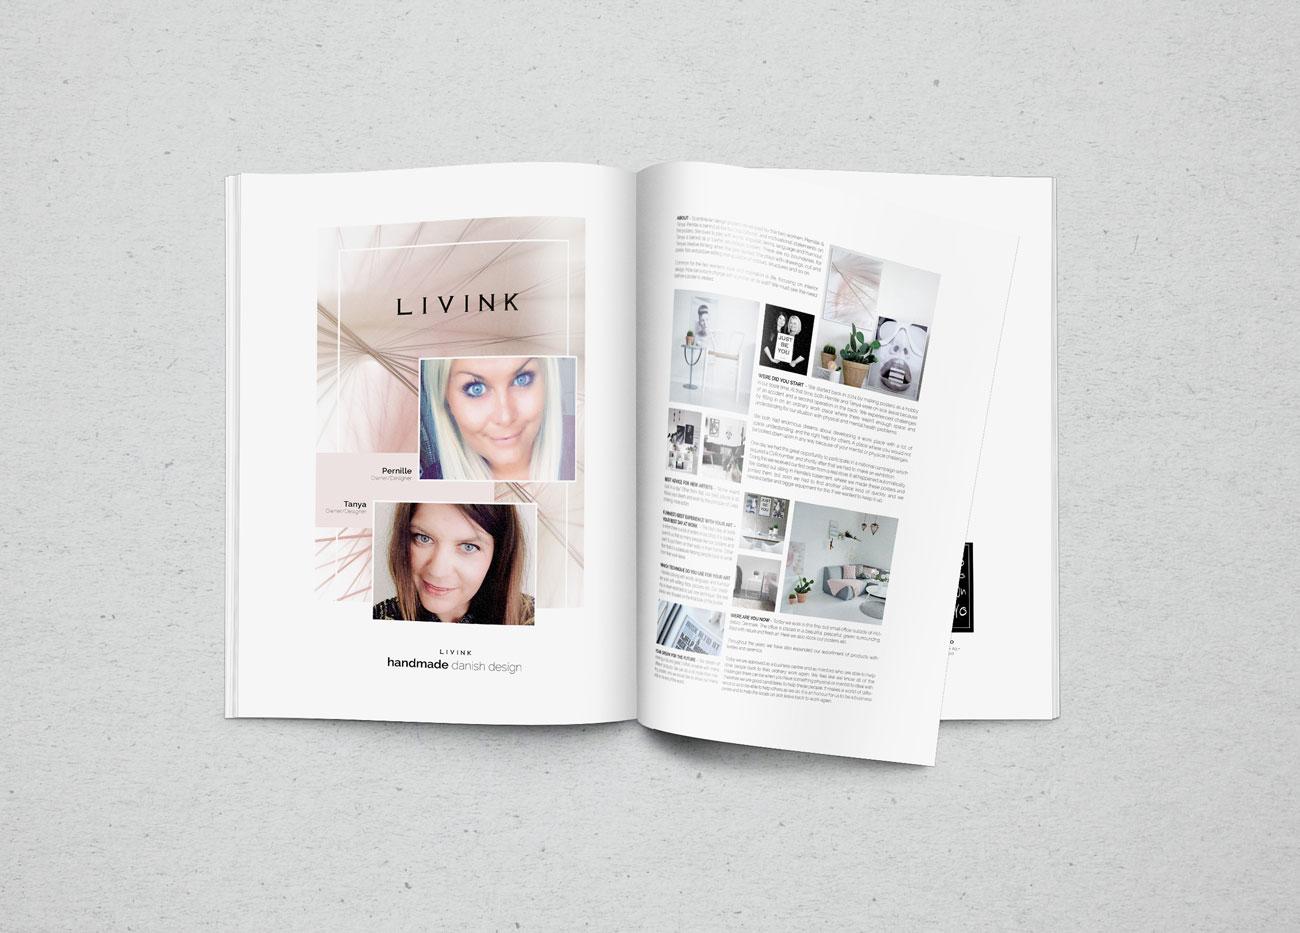 LIVINK ApS - brovaerk layouter artikel til designbog